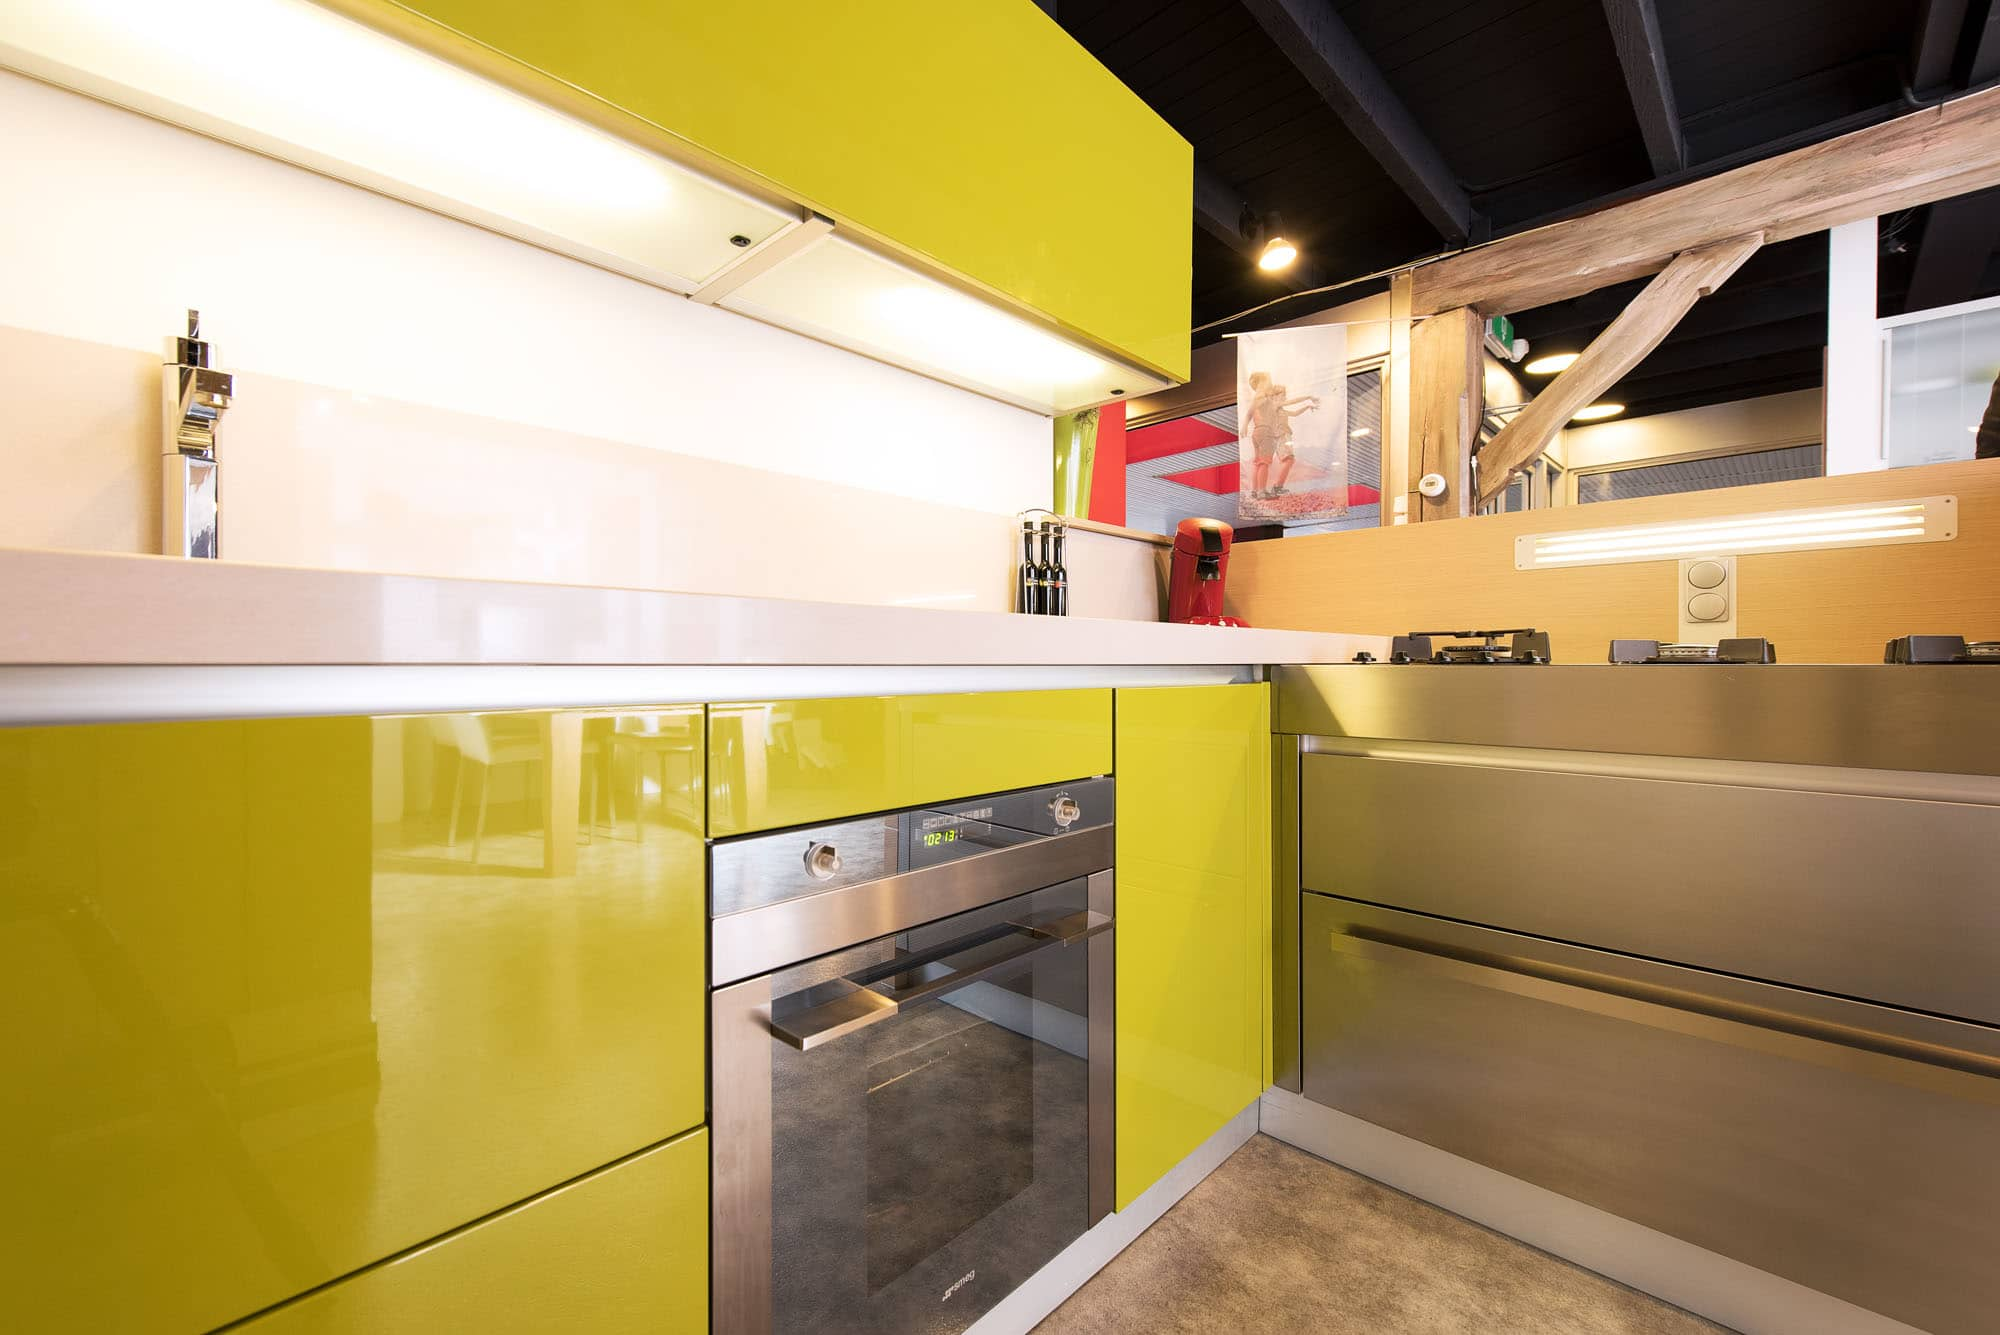 Italiaanse Keuken Ontwerp : Showroomkeuken design italiaans hoogglans